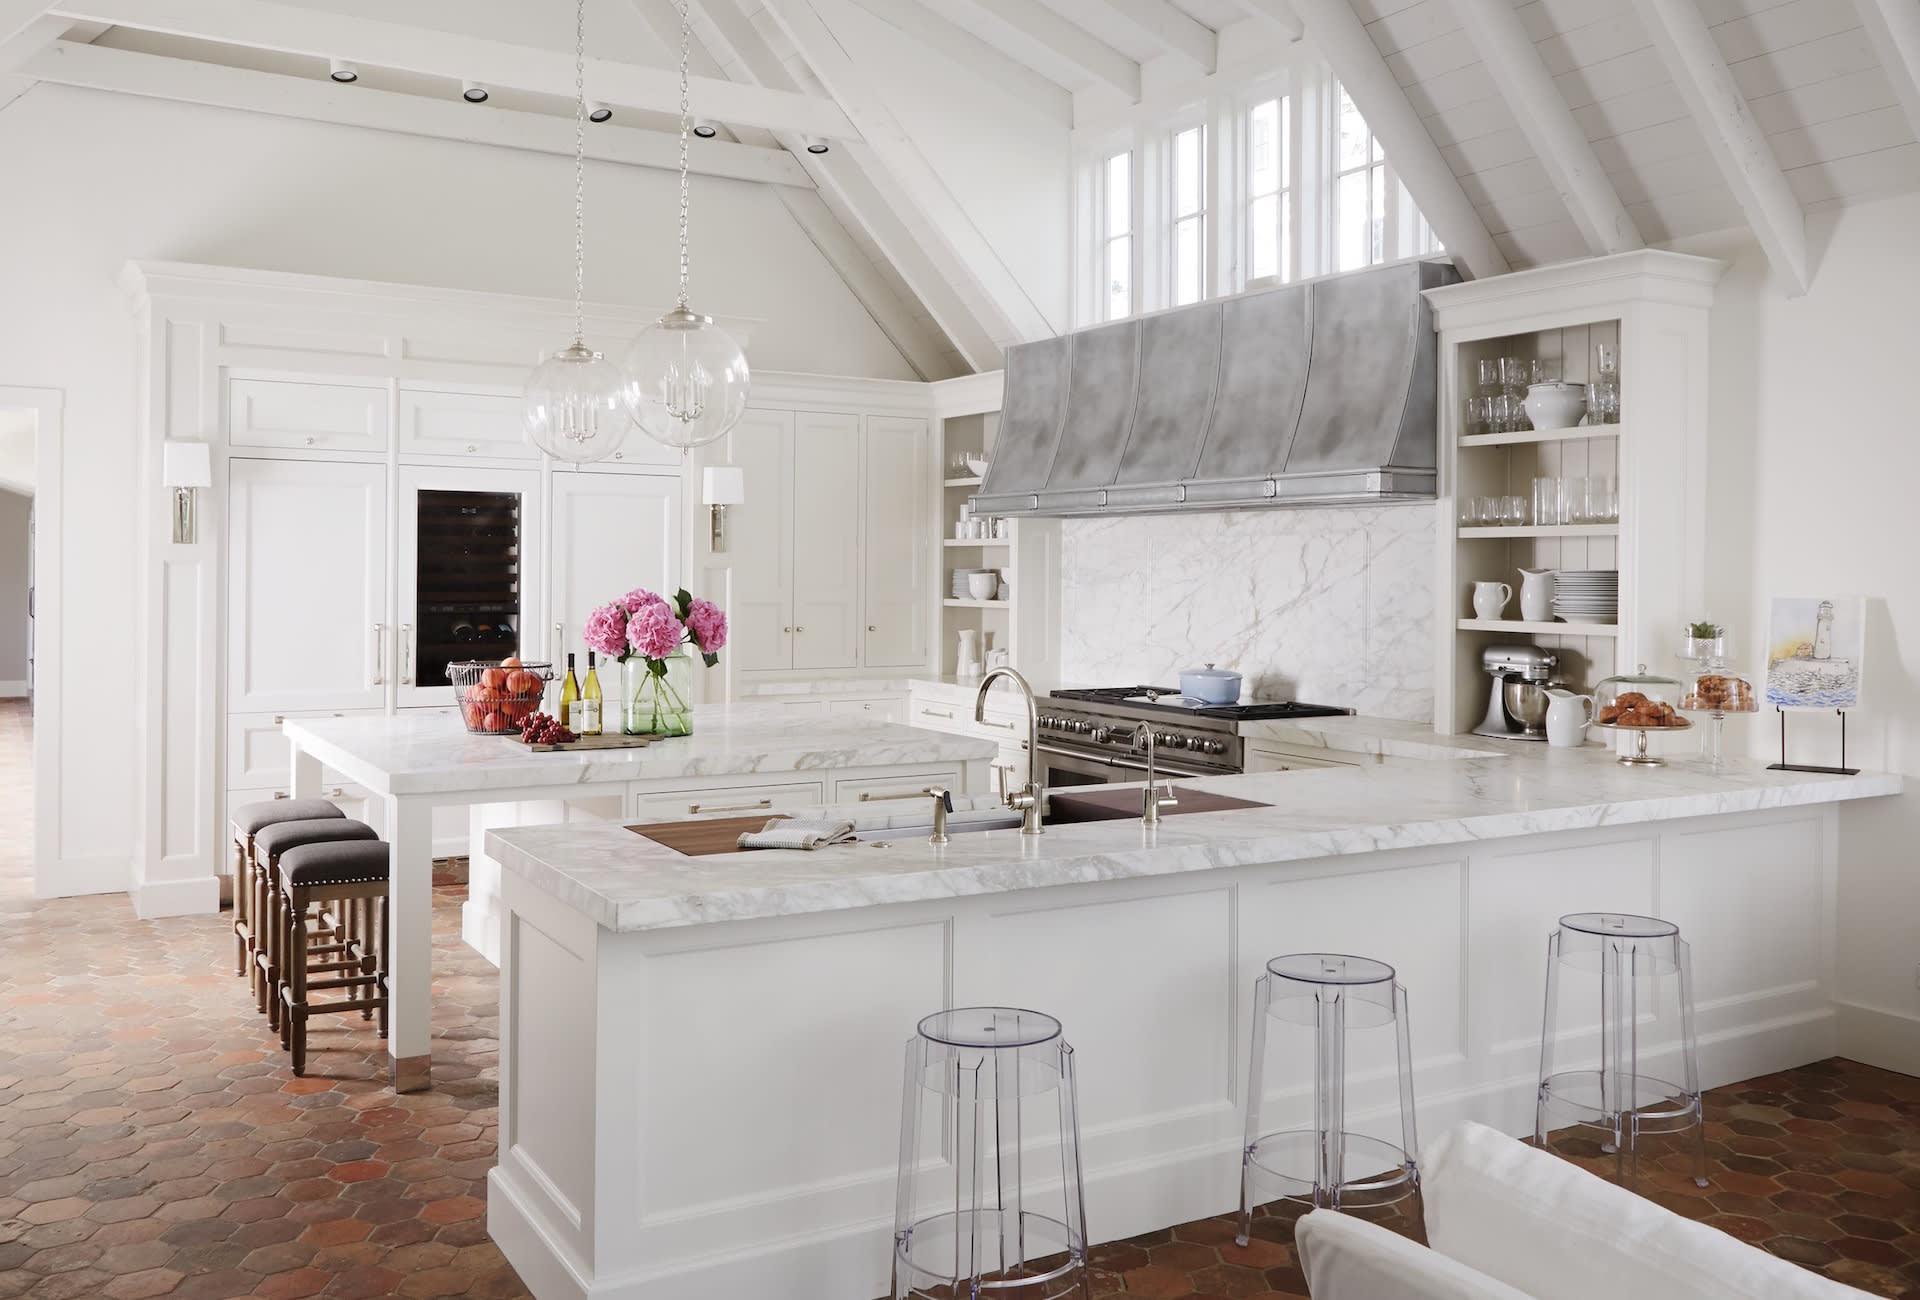 Chic Cottage Style Kitchen by Dawn McKenna